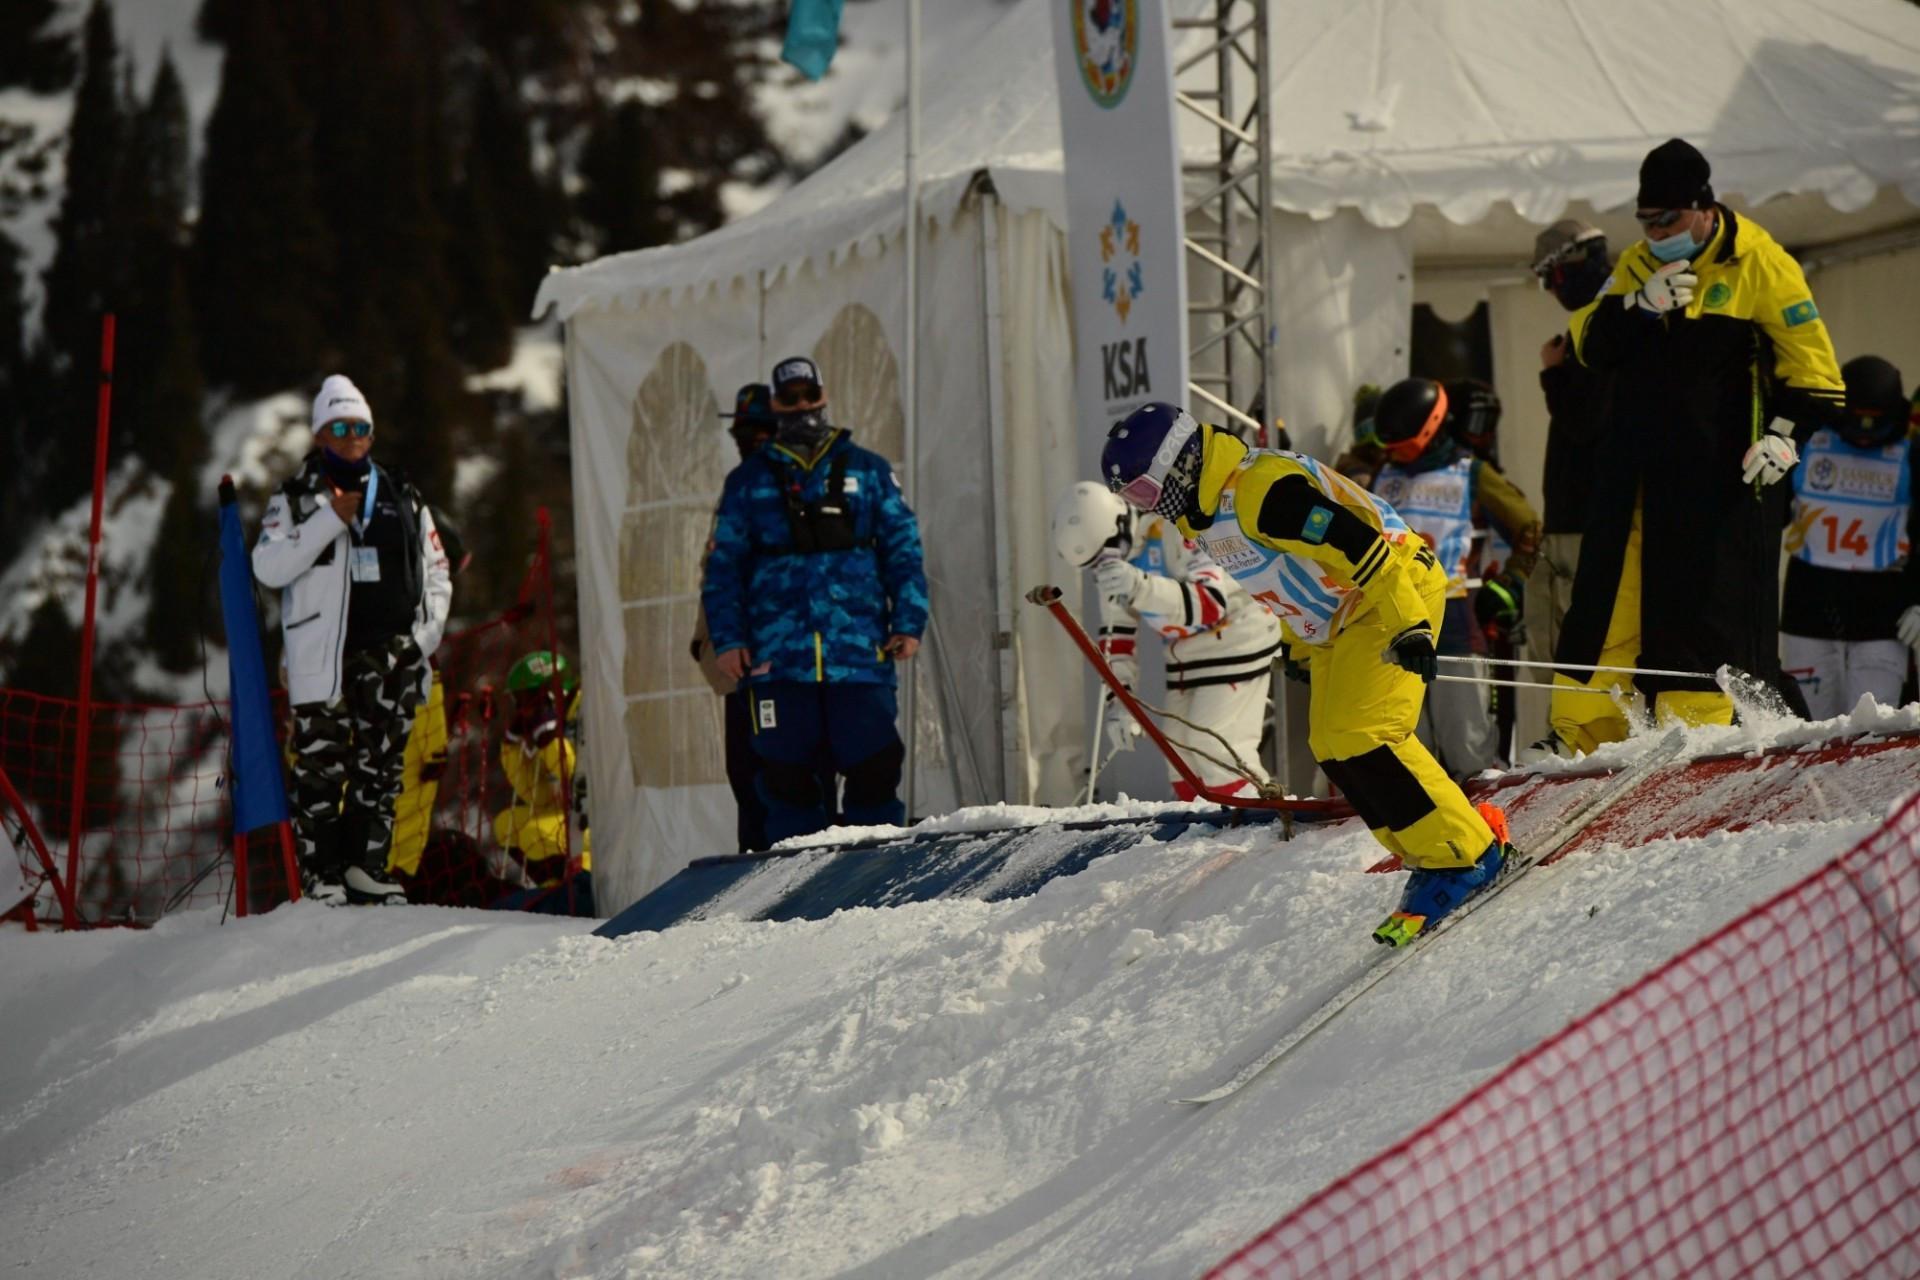 Анастасия Городко финишировала четвертой на юниорском чемпионате мира по фристайл-могулу